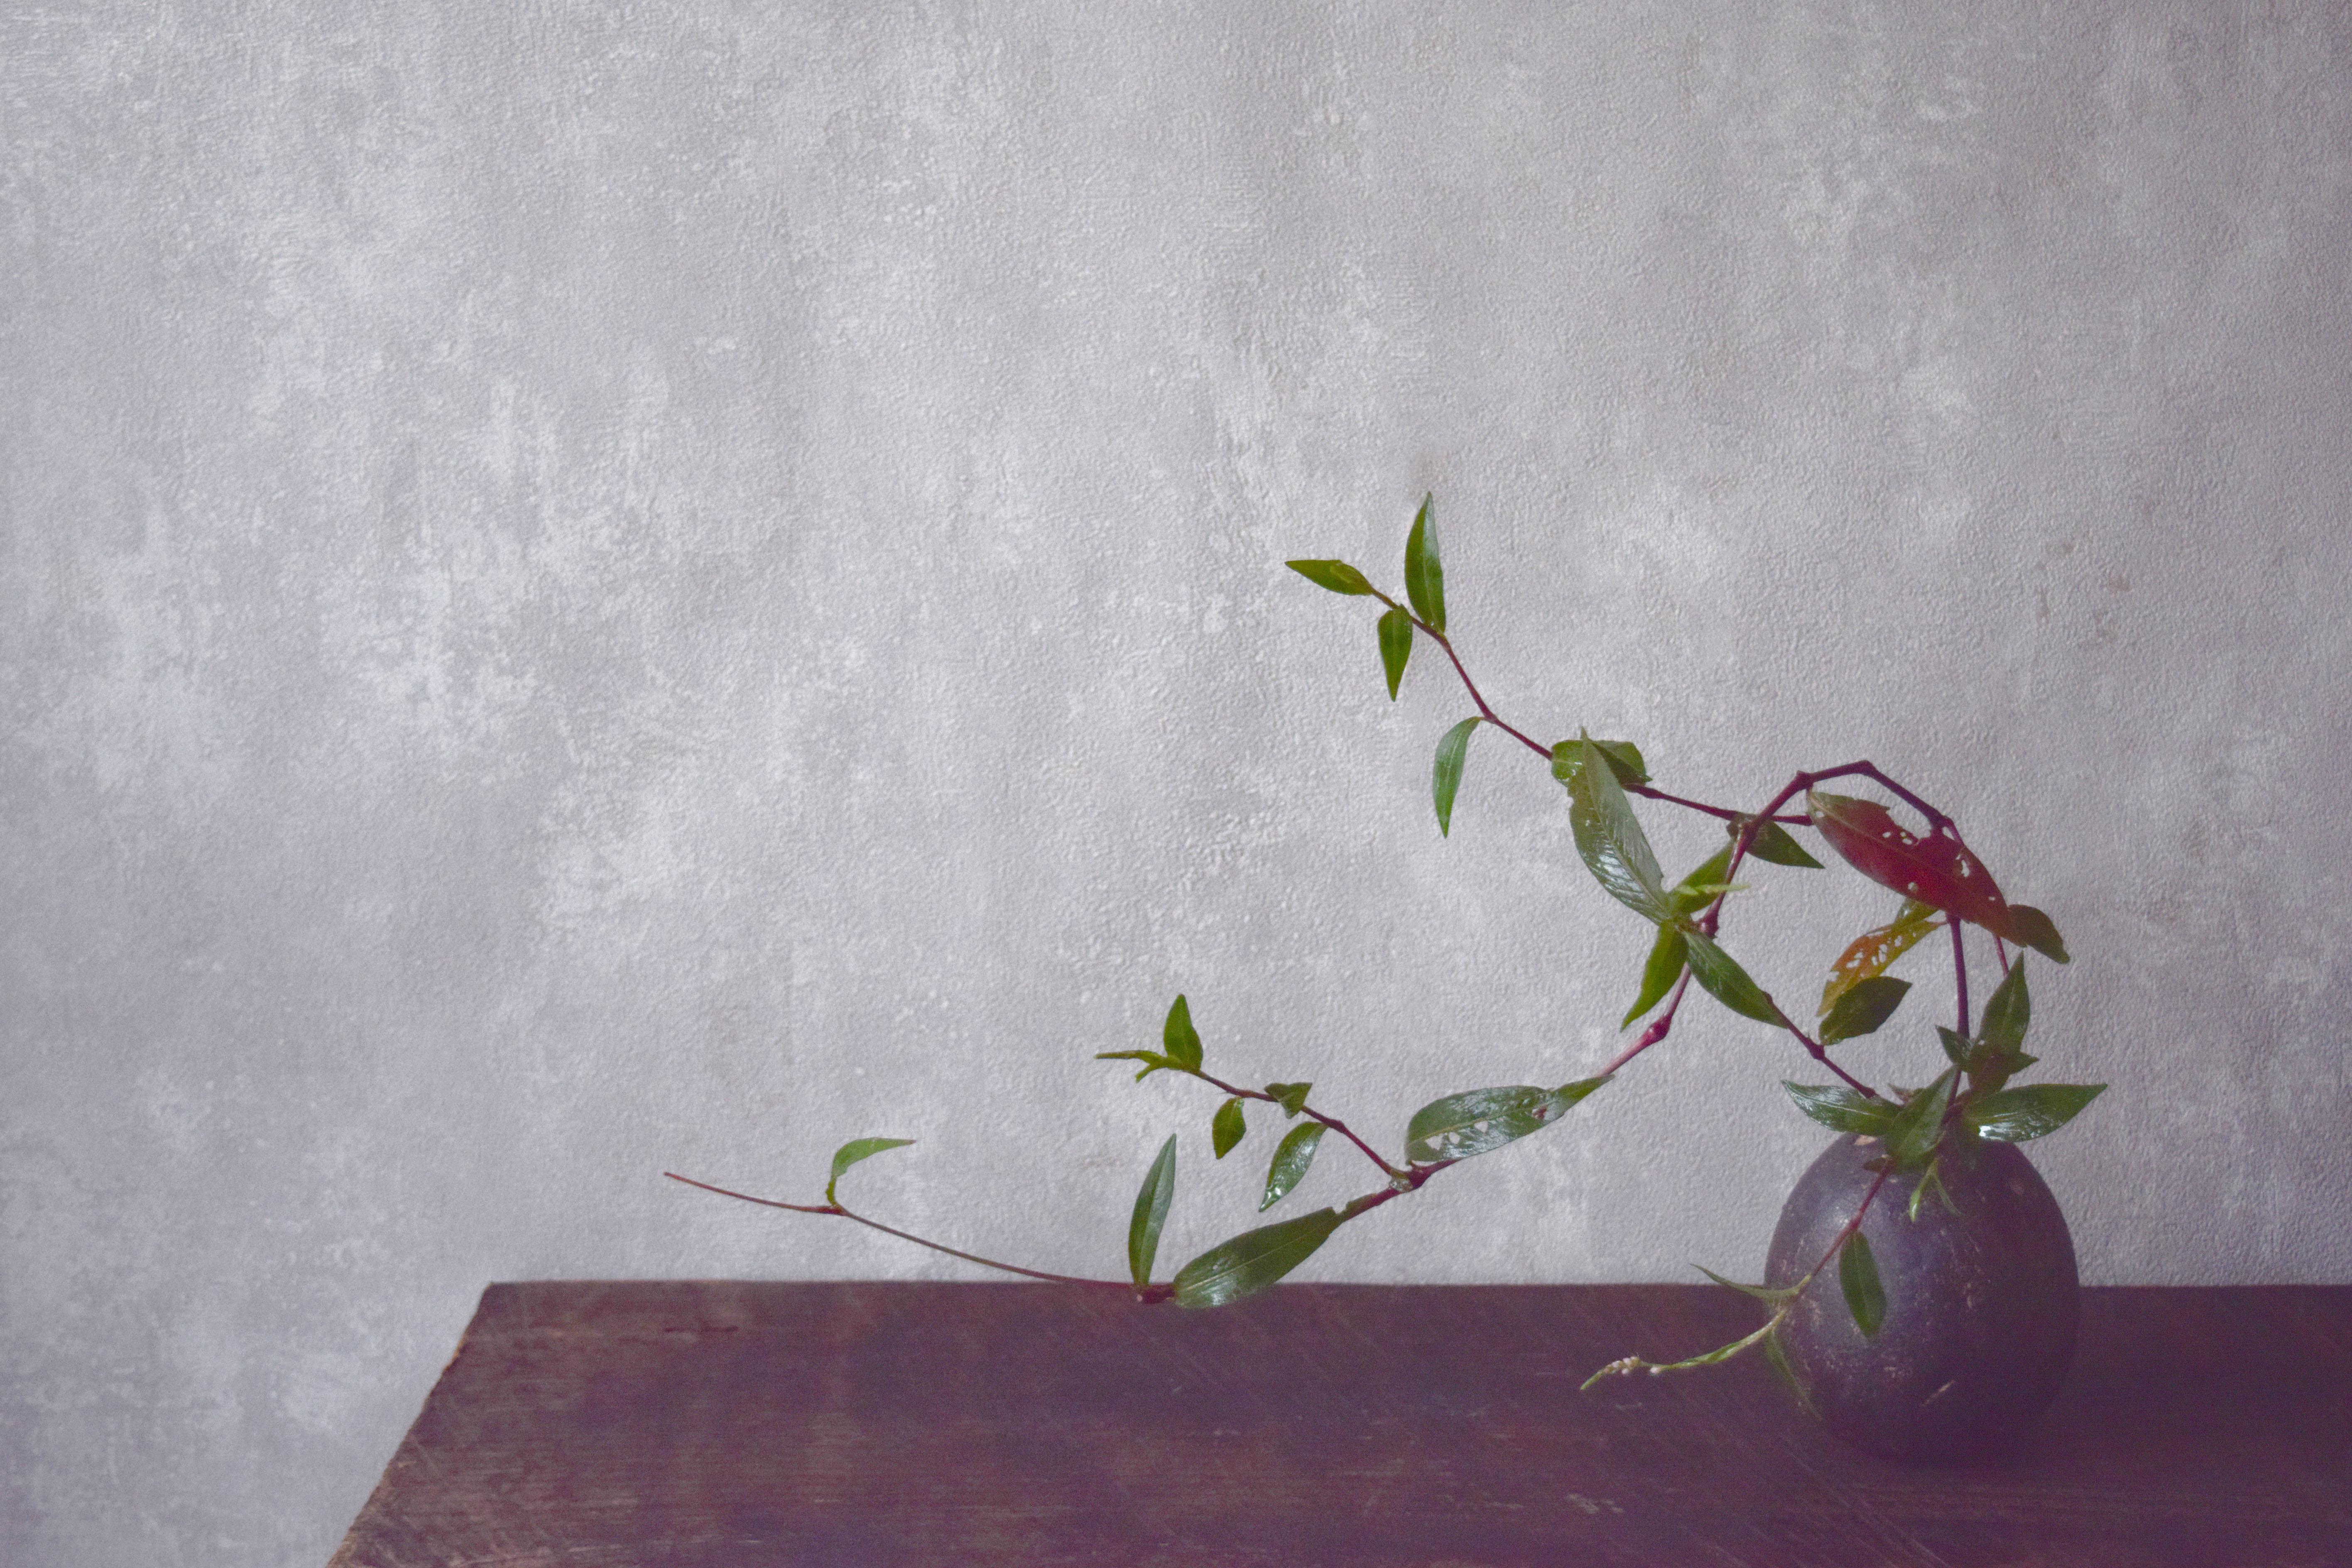 烏山結貴、ca-koのウェブサイトです。四季折々の道草。心にとまった身近な草花を、小さな発見を楽しみながら出会った器に合わせています。抛入花の写真です。蓼を入れました。